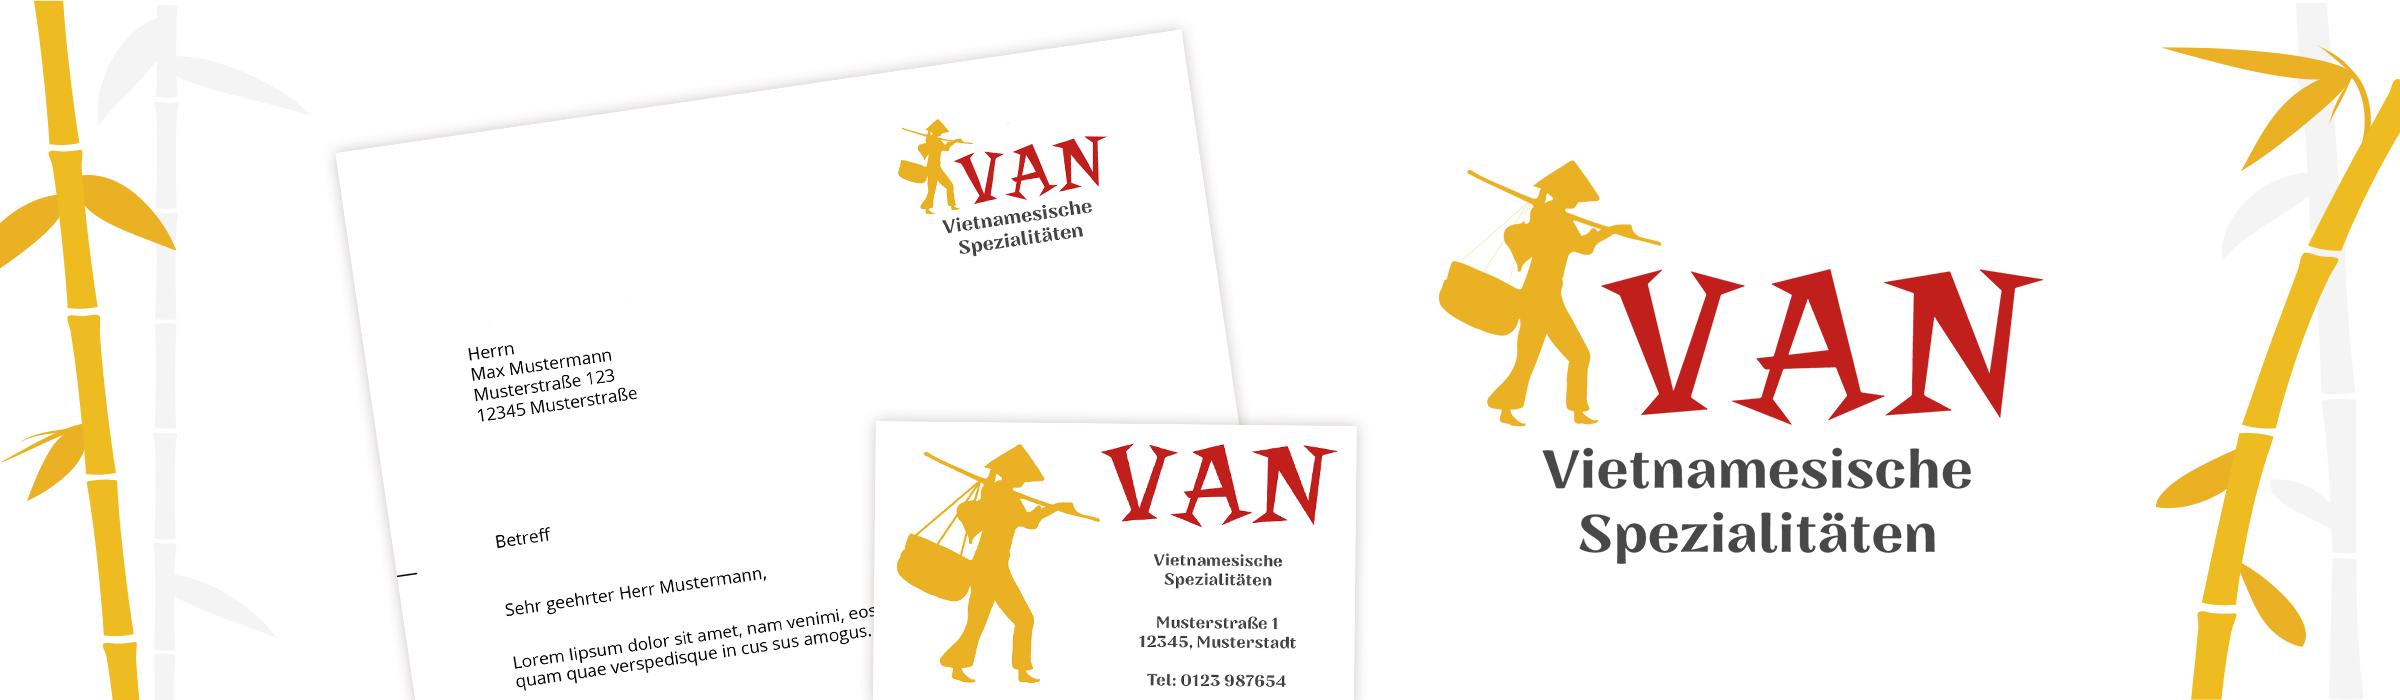 Druckerzeugnisse für das Restaurant VAN